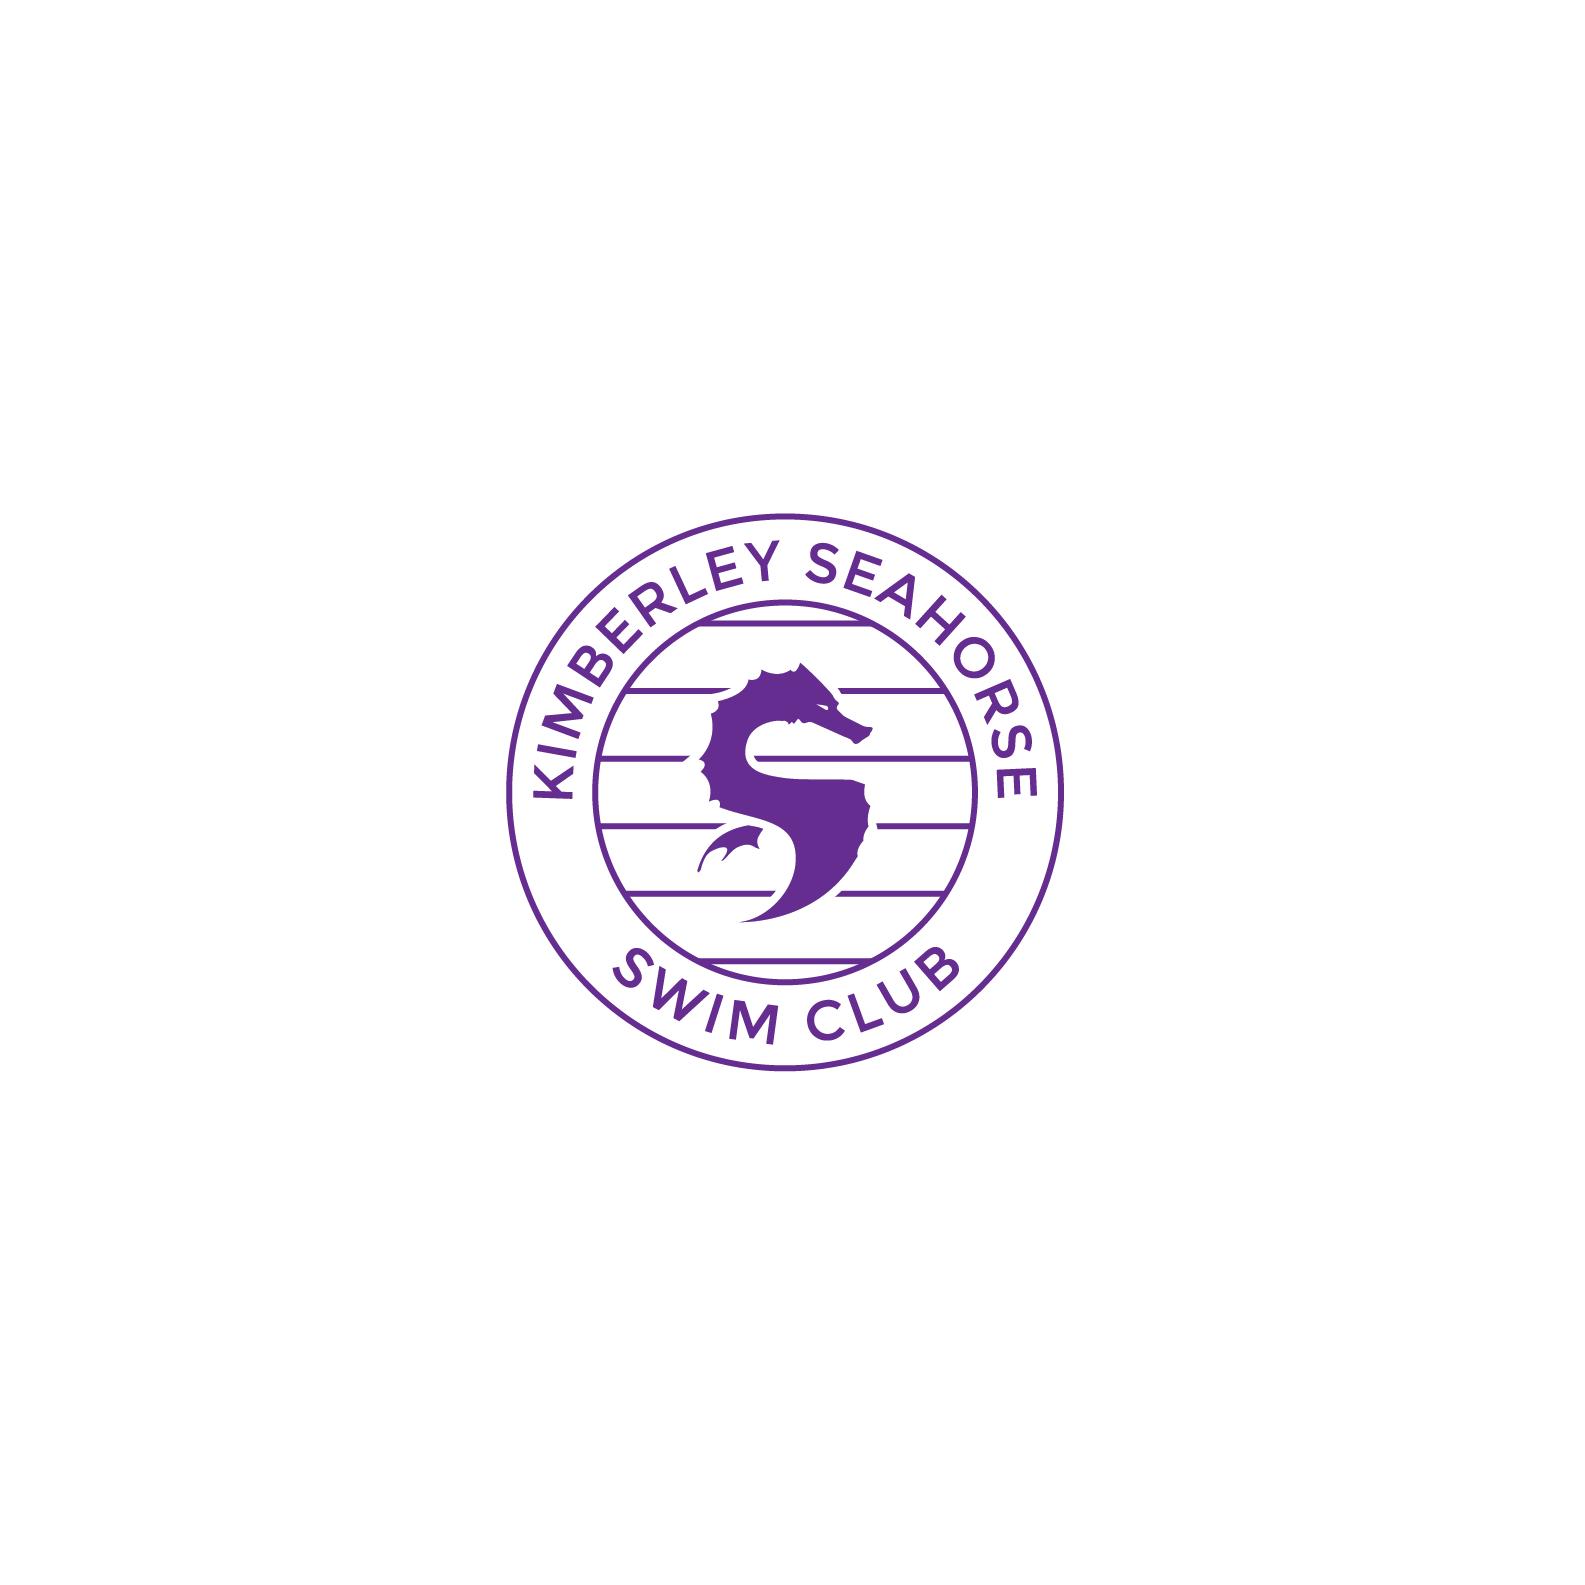 Logo_SeahorseSwimClub